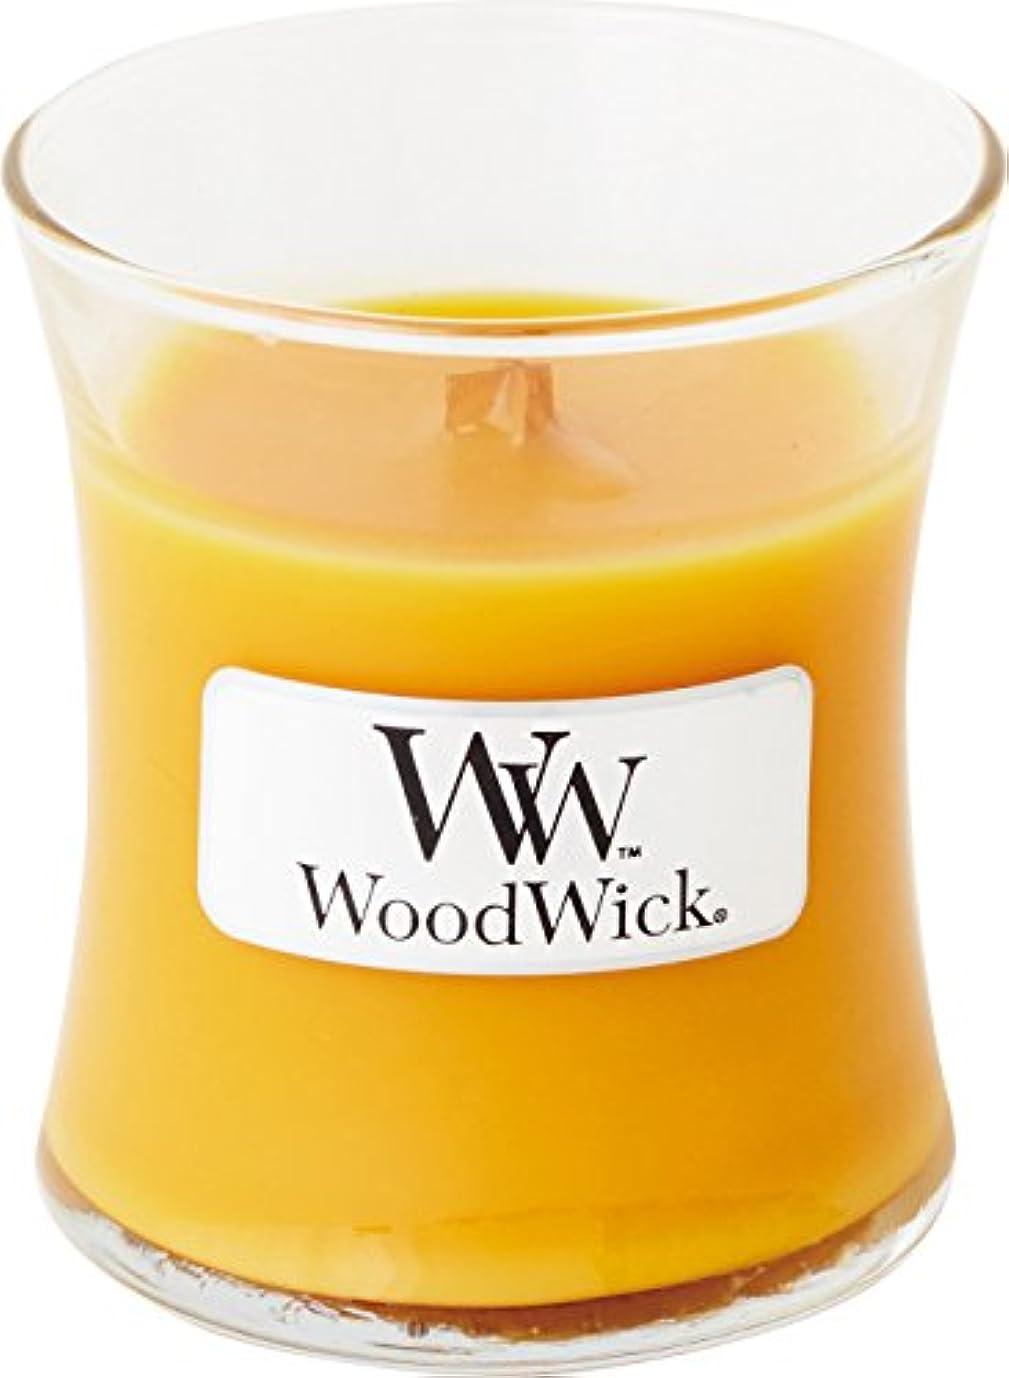 眉をひそめるしおれた堤防Wood Wick ウッドウィック ジャーキャンドルSサイズ スパークリングオレンジ